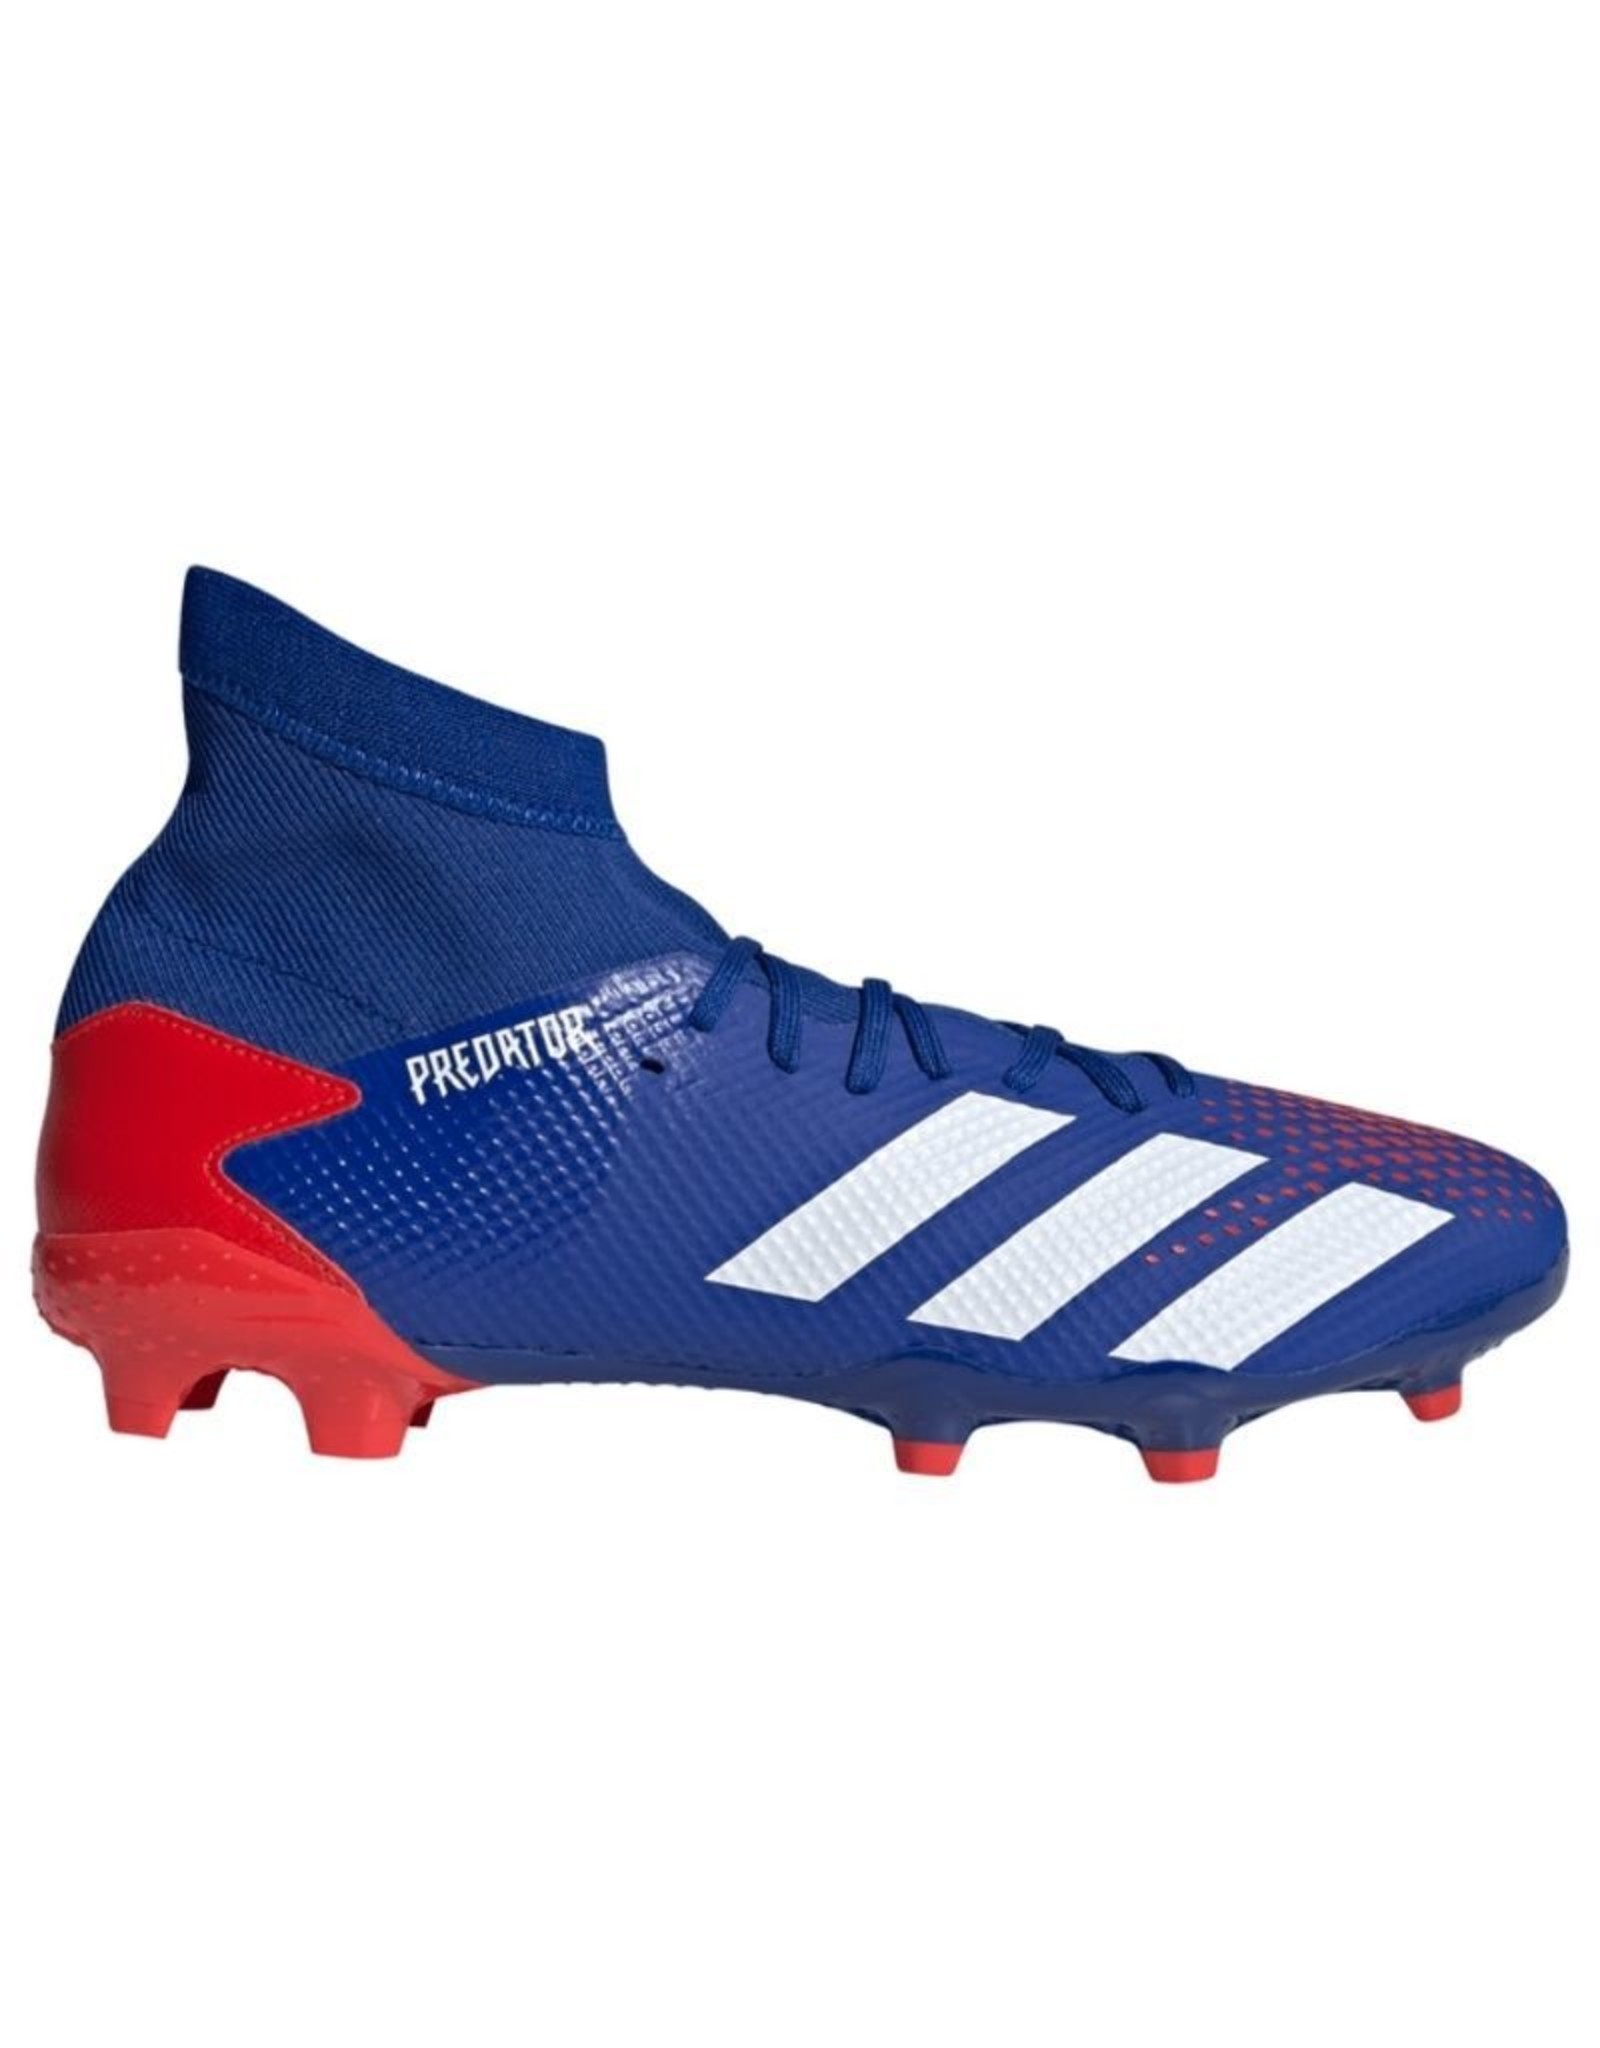 Adidas Adidas Predator 20.3 FG Soccer Cleat Blue